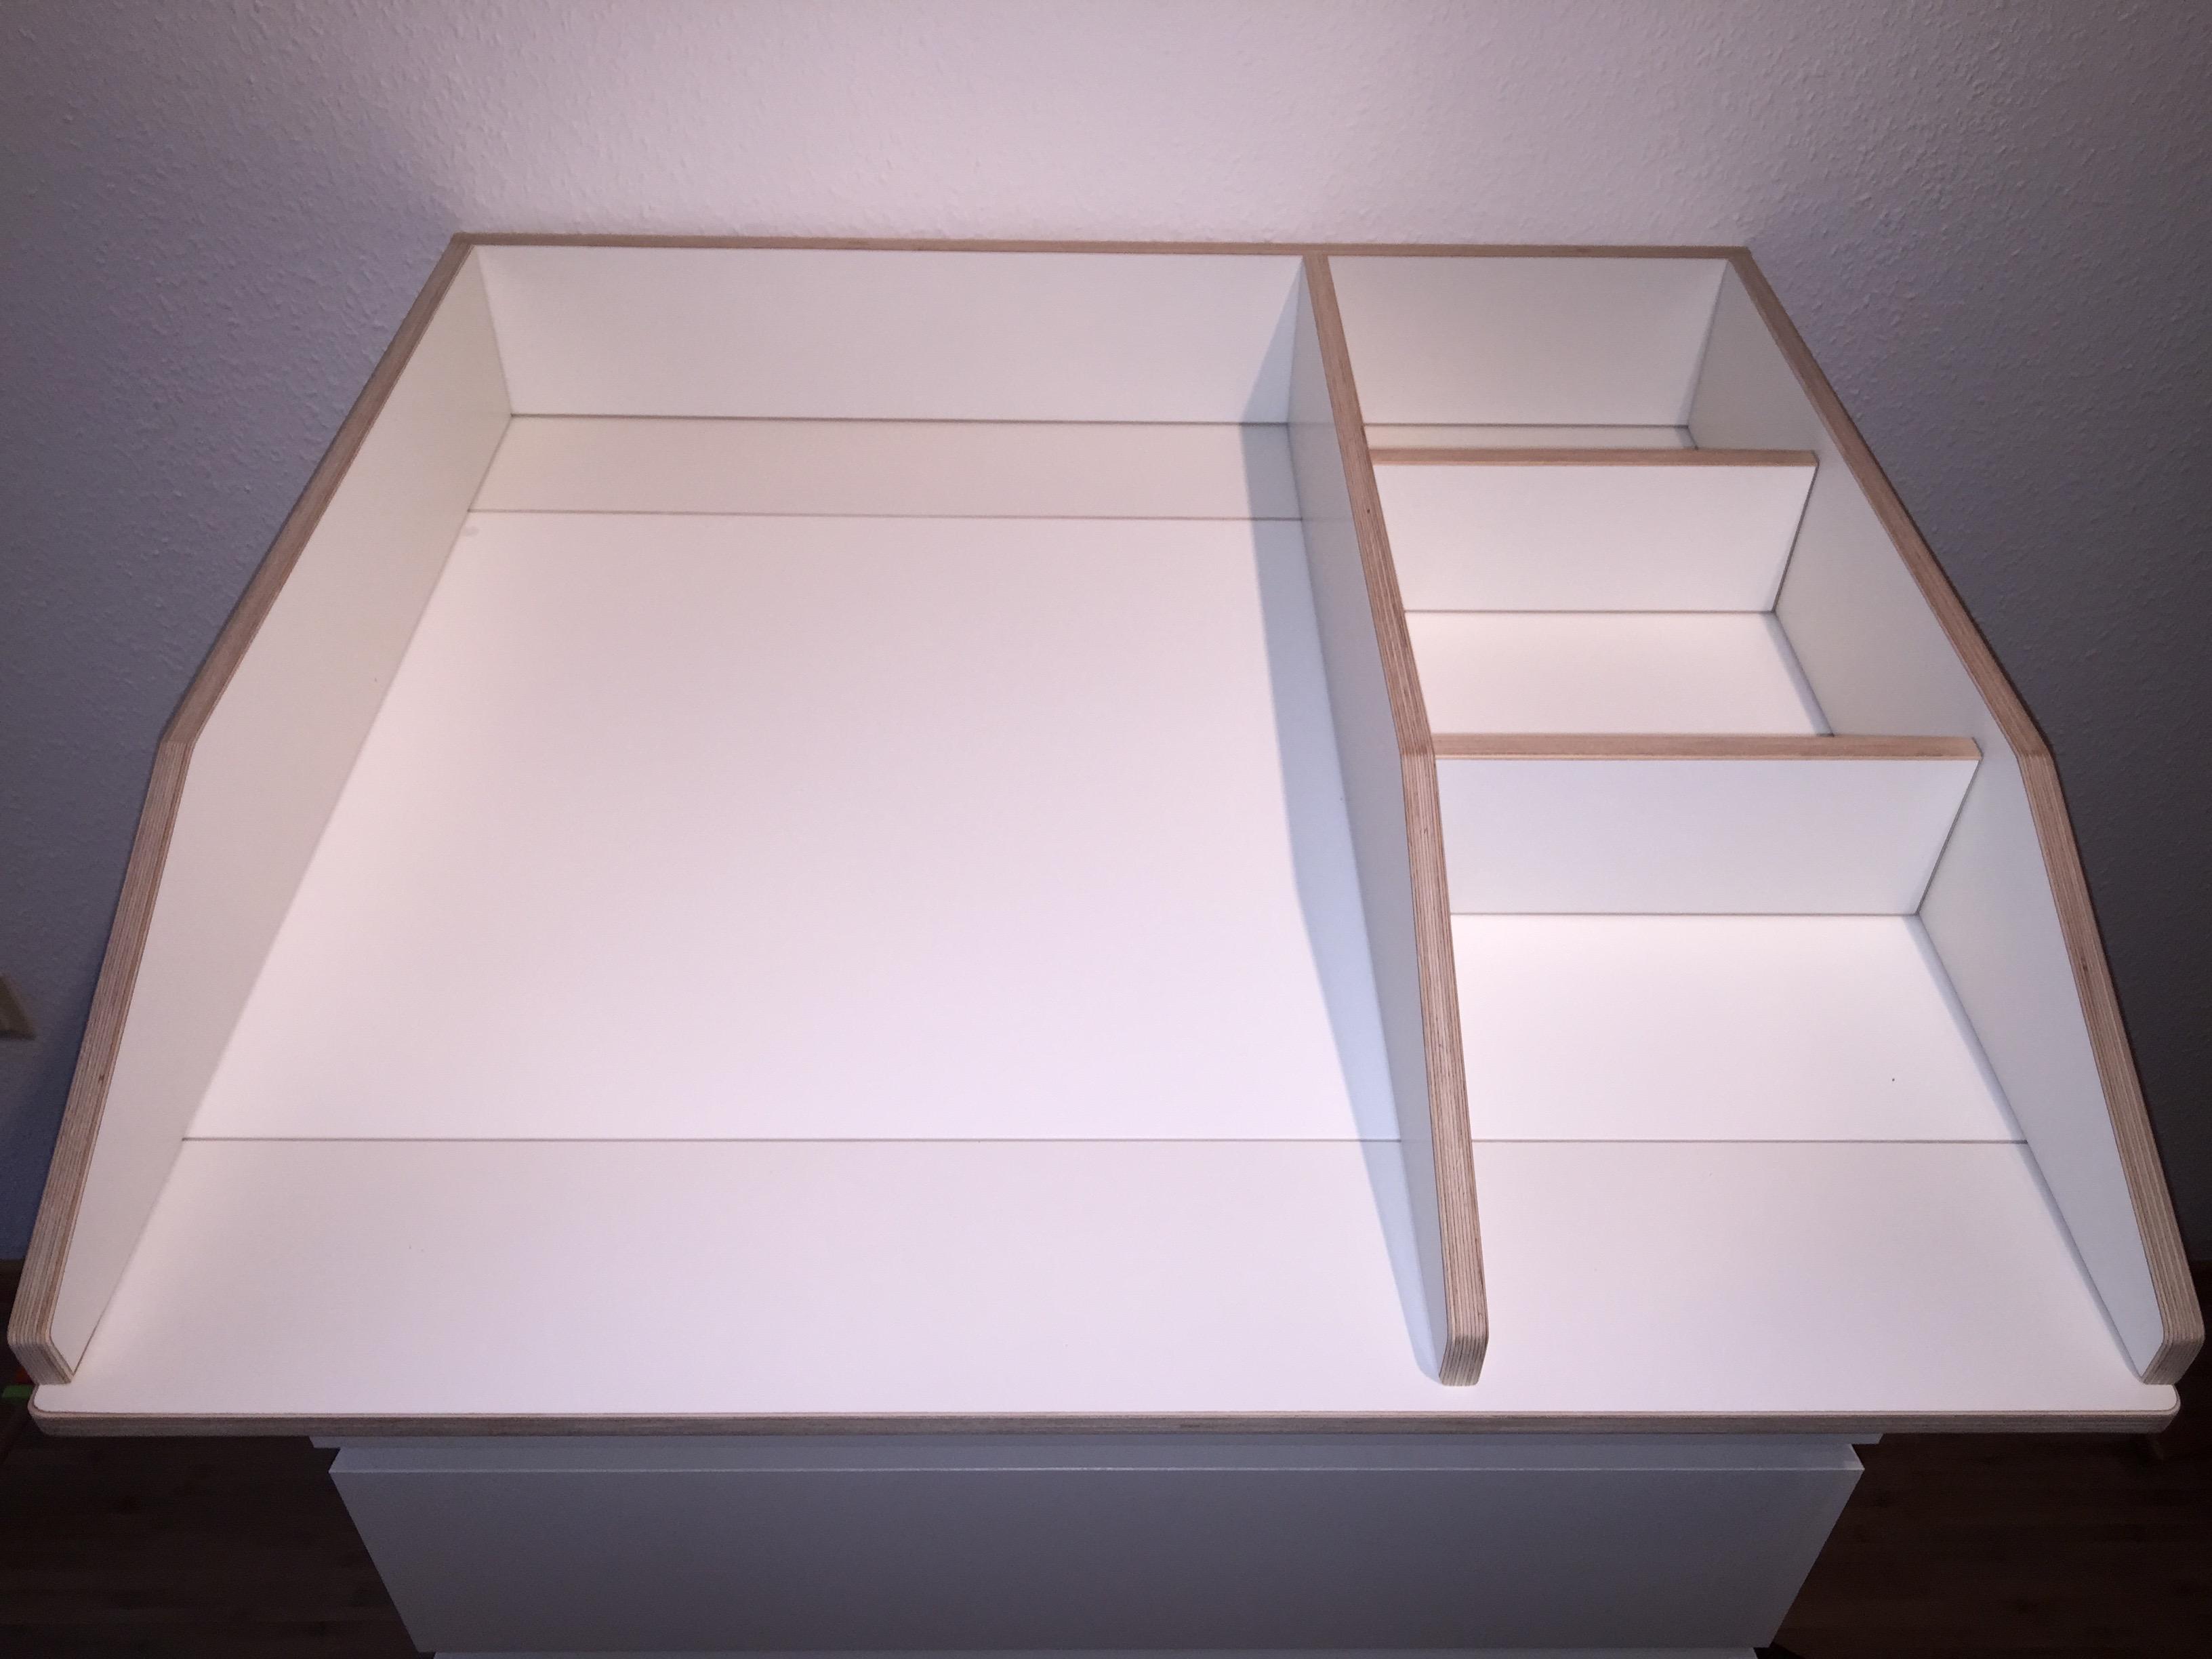 Produkttest Wickelaufsatz Von New Swedish Design Bauchzwergl